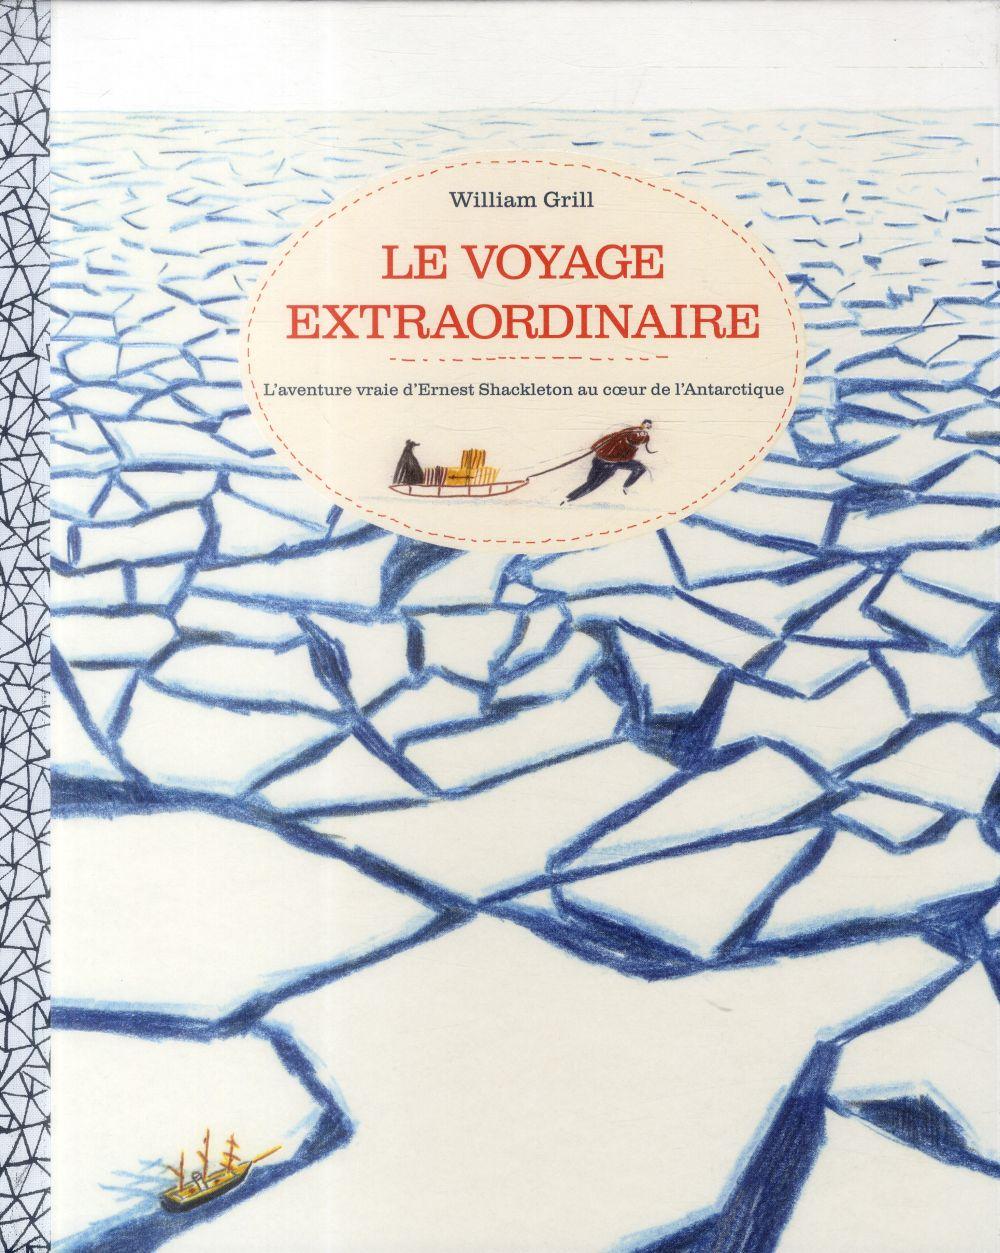 Le voyage extraordinaire - l'aventure vraie d'ernest shackleton au coeur de l'antarctique